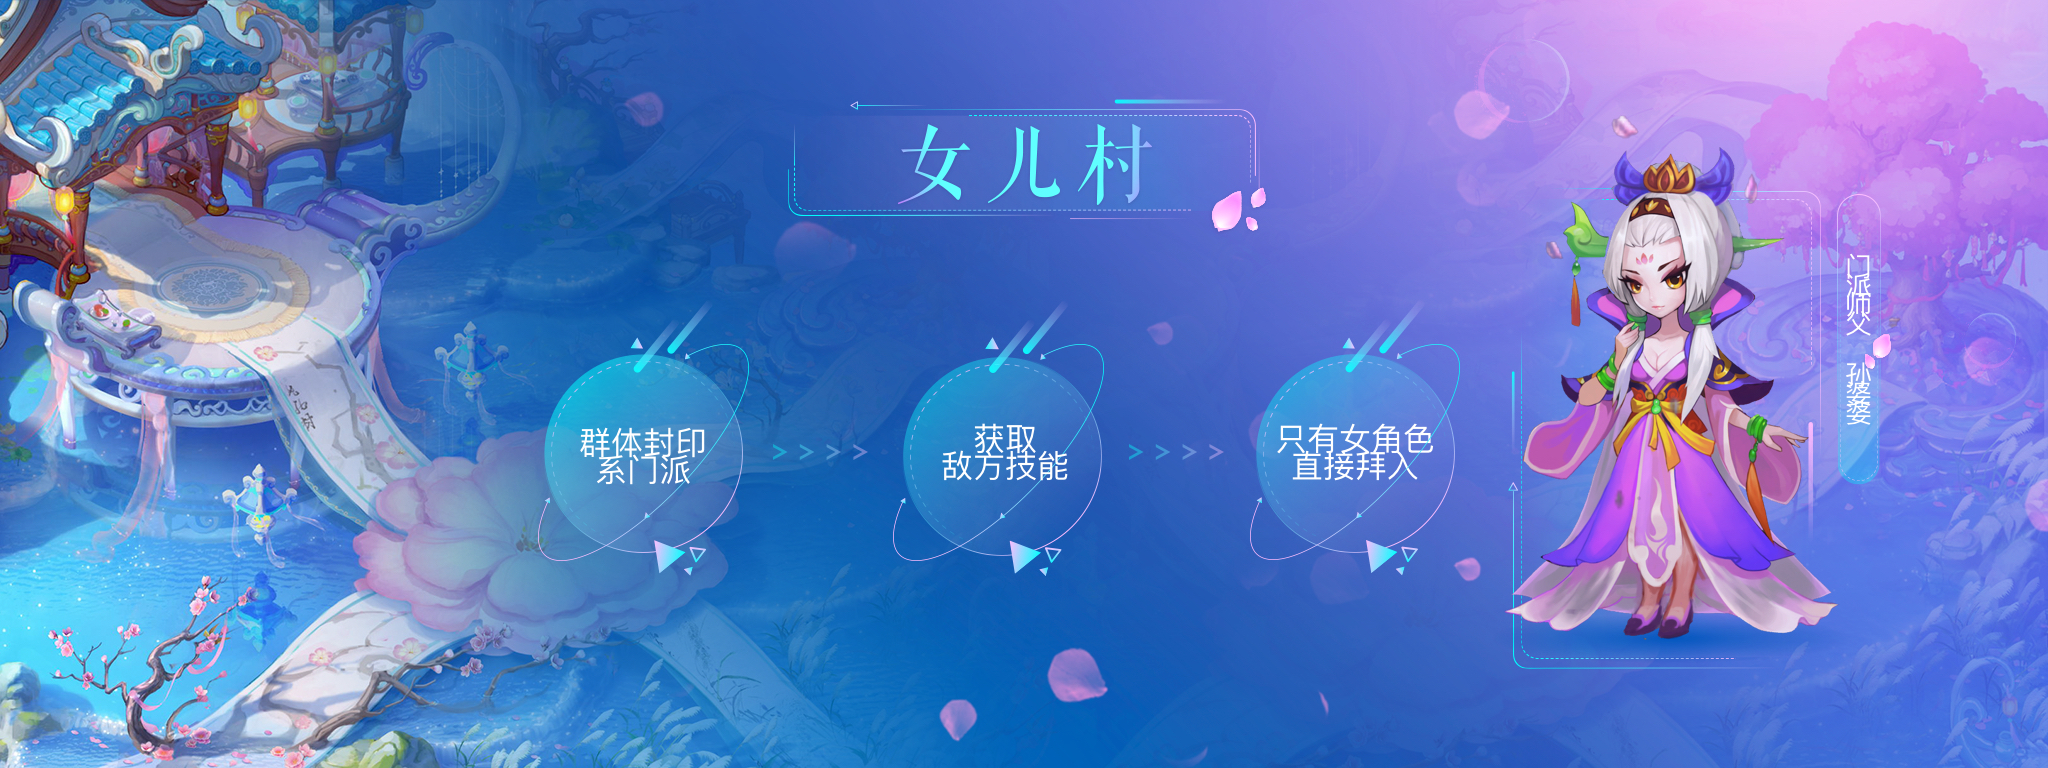 多封印系 《梦幻西游》手机游戏女儿村门派技能揭秘